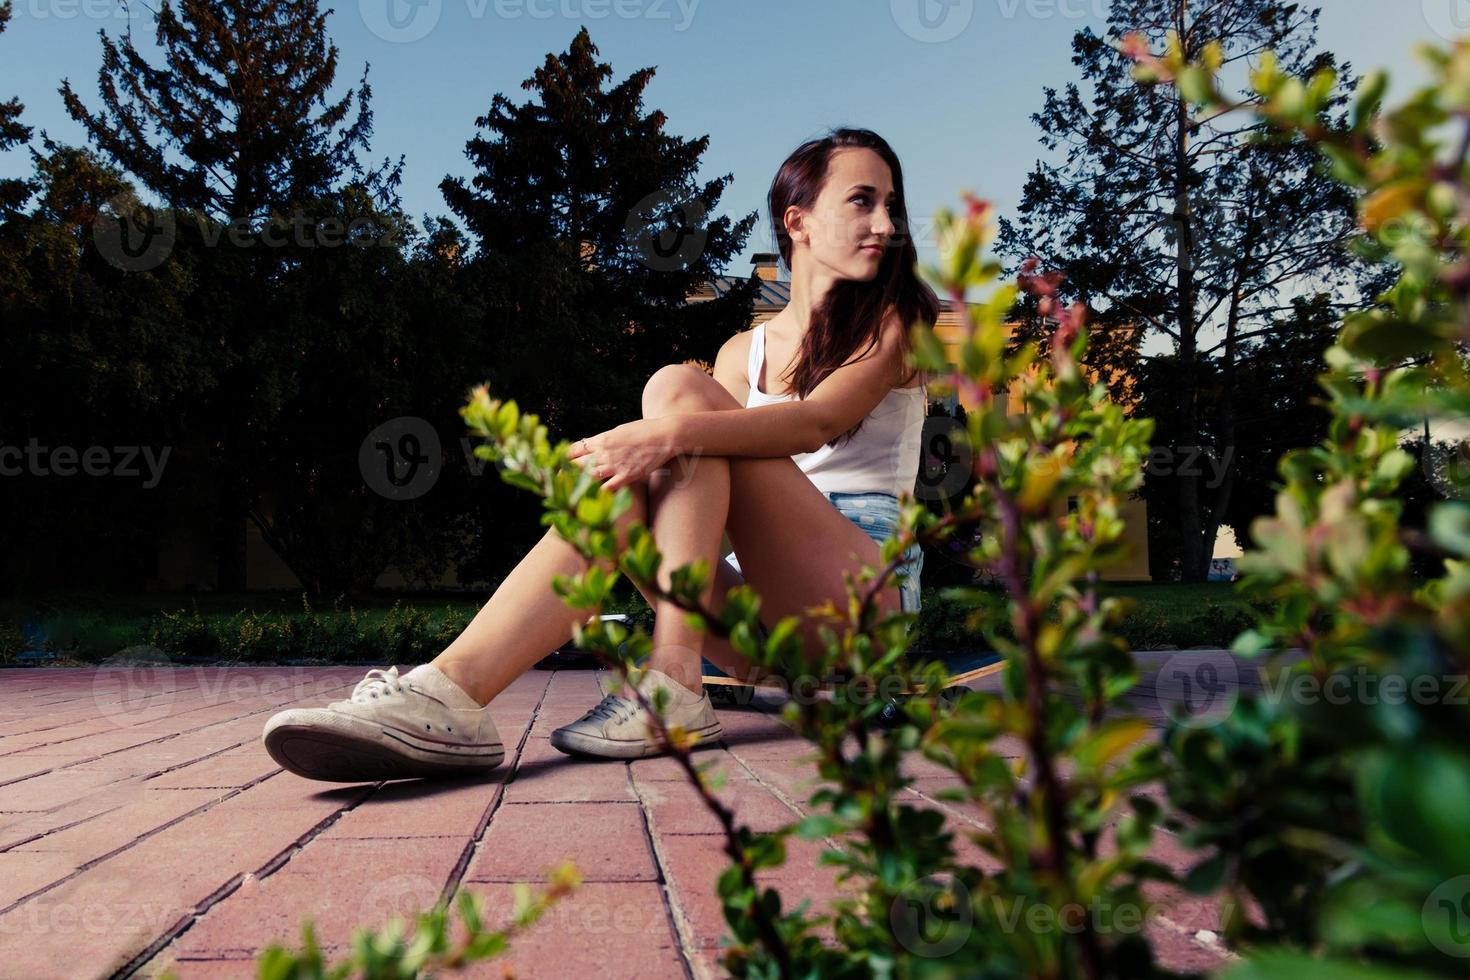 femmes assises sur une planche à roulettes regardant en arrière photo